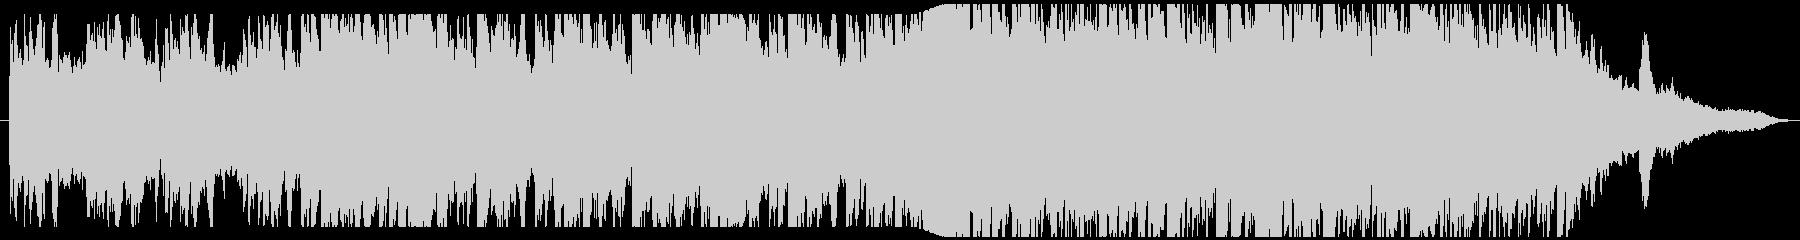 静寂の世界を表現したピアノバラードBGMの未再生の波形